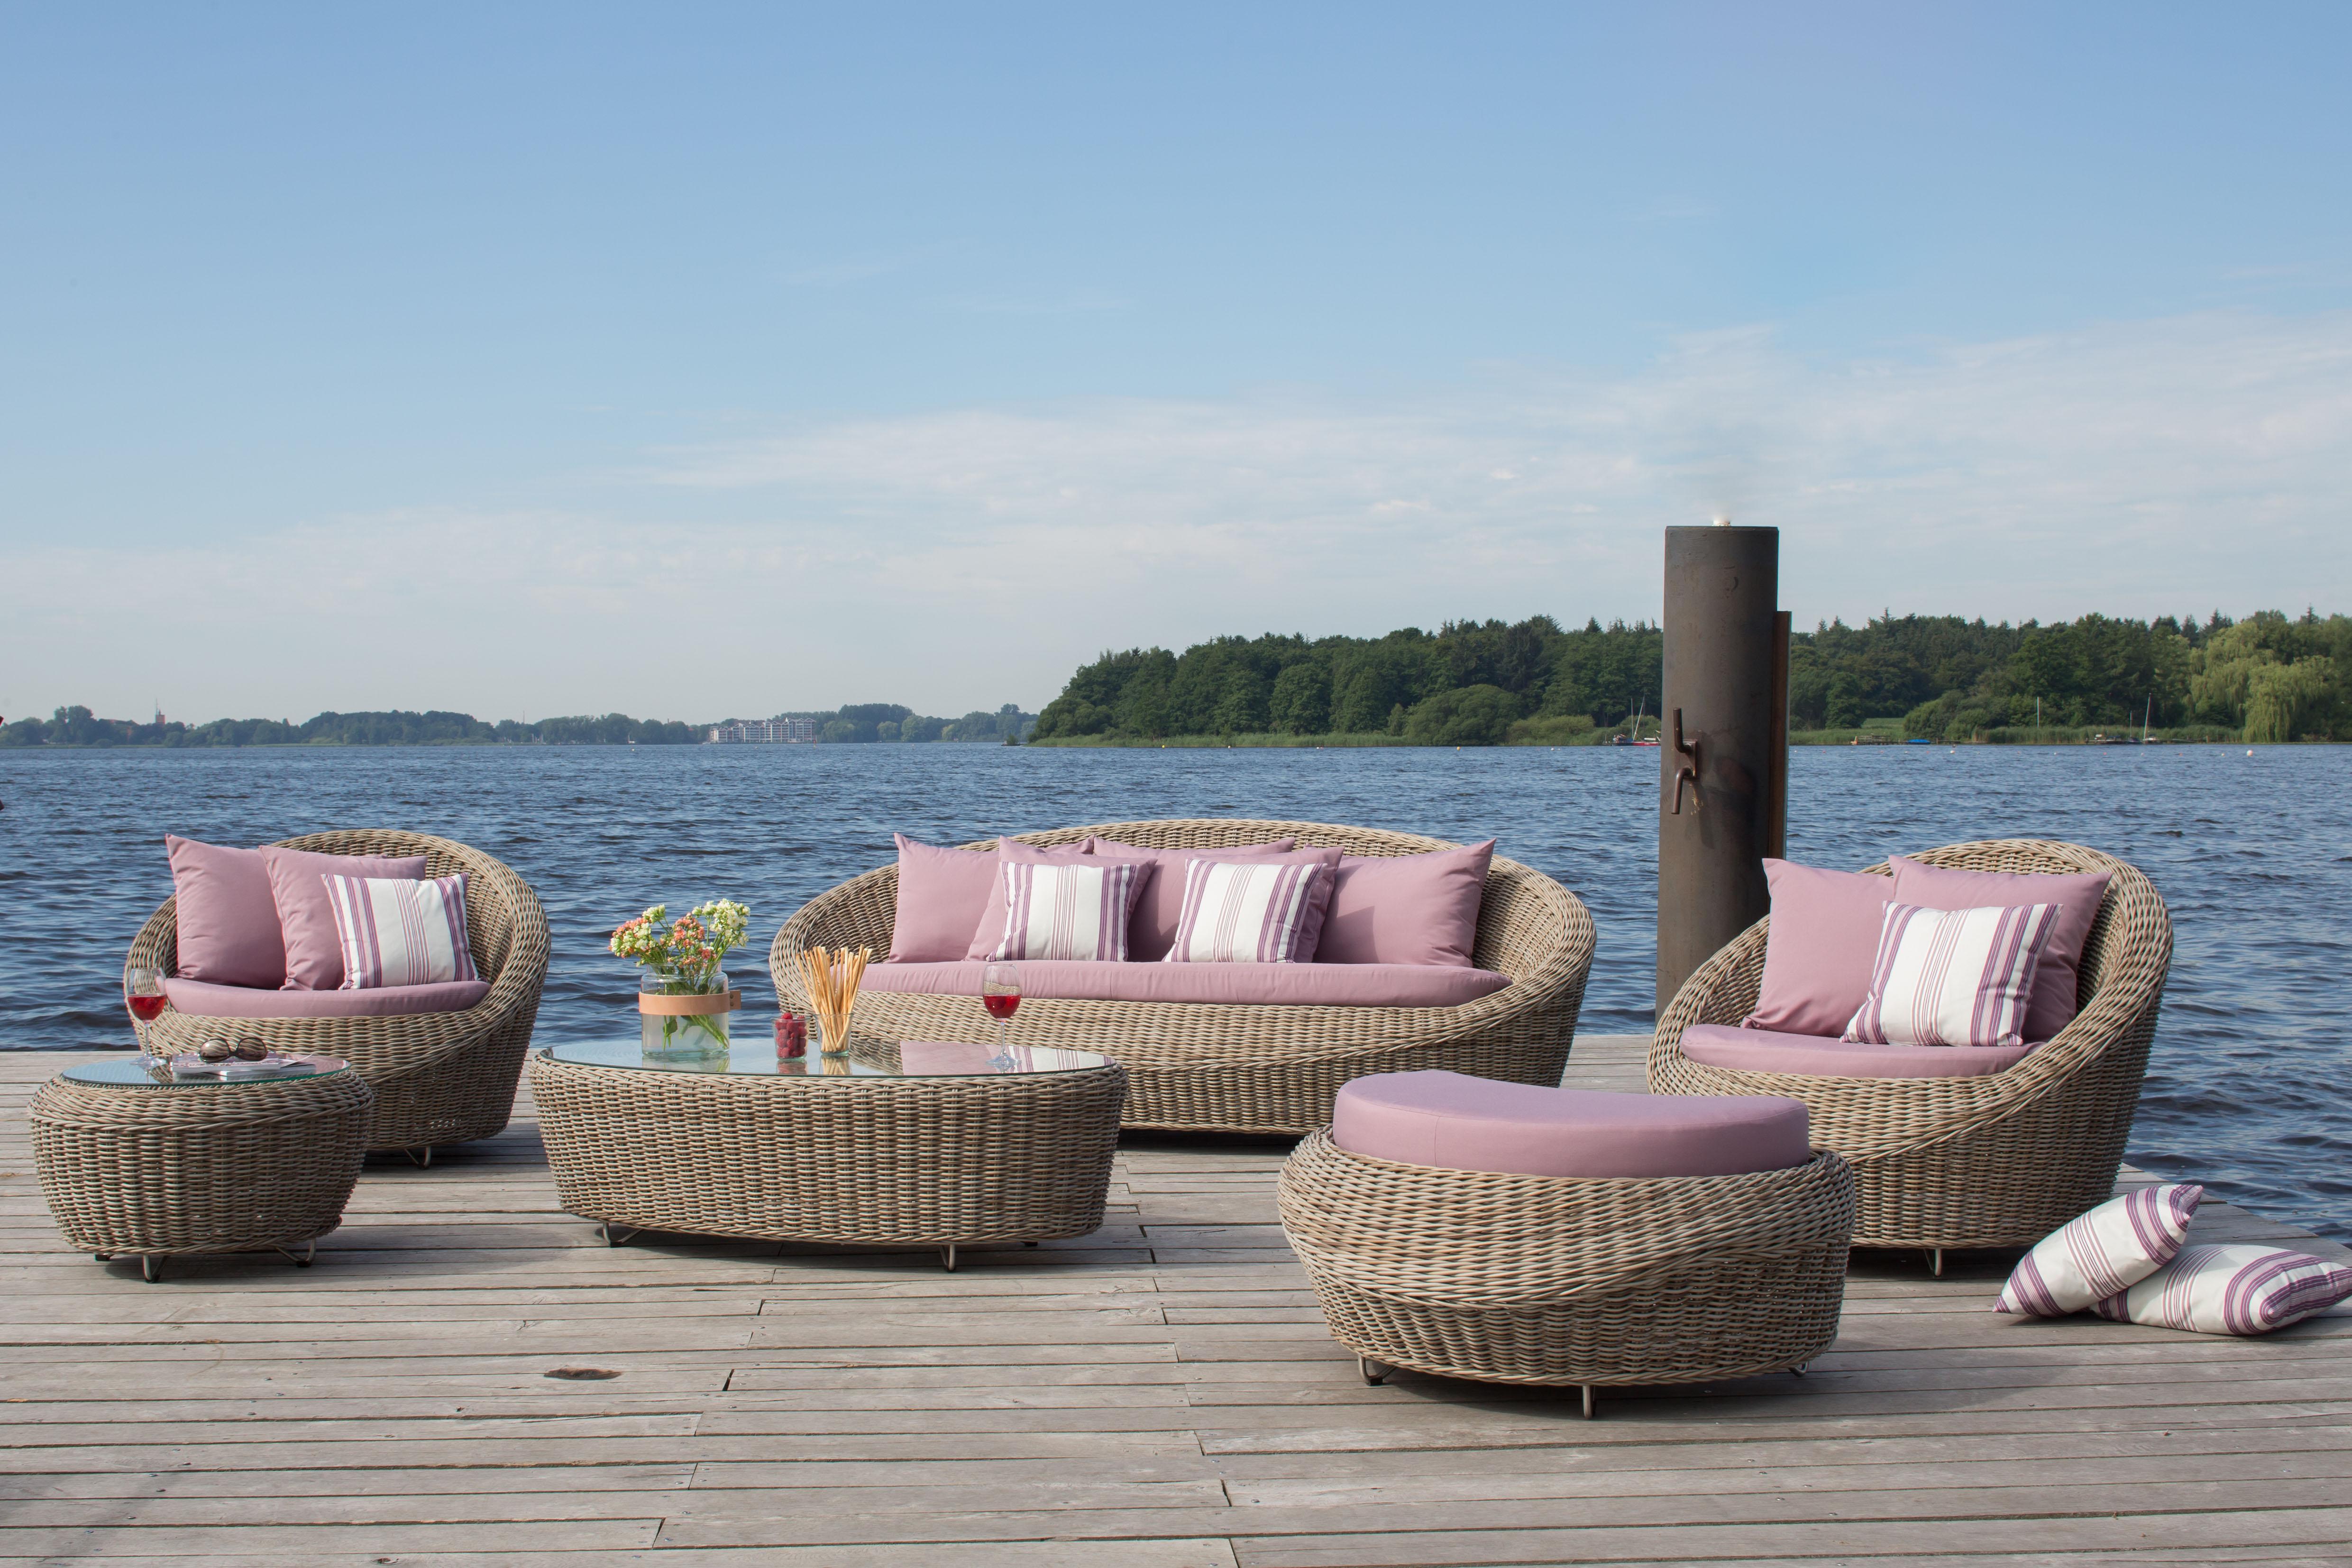 Alles aus einem Guss: Bei der Möblierung des Garten sollten Farben, Materialien und Design möglichst gut aufeinander abgestimmt sein. djd/dekoVries